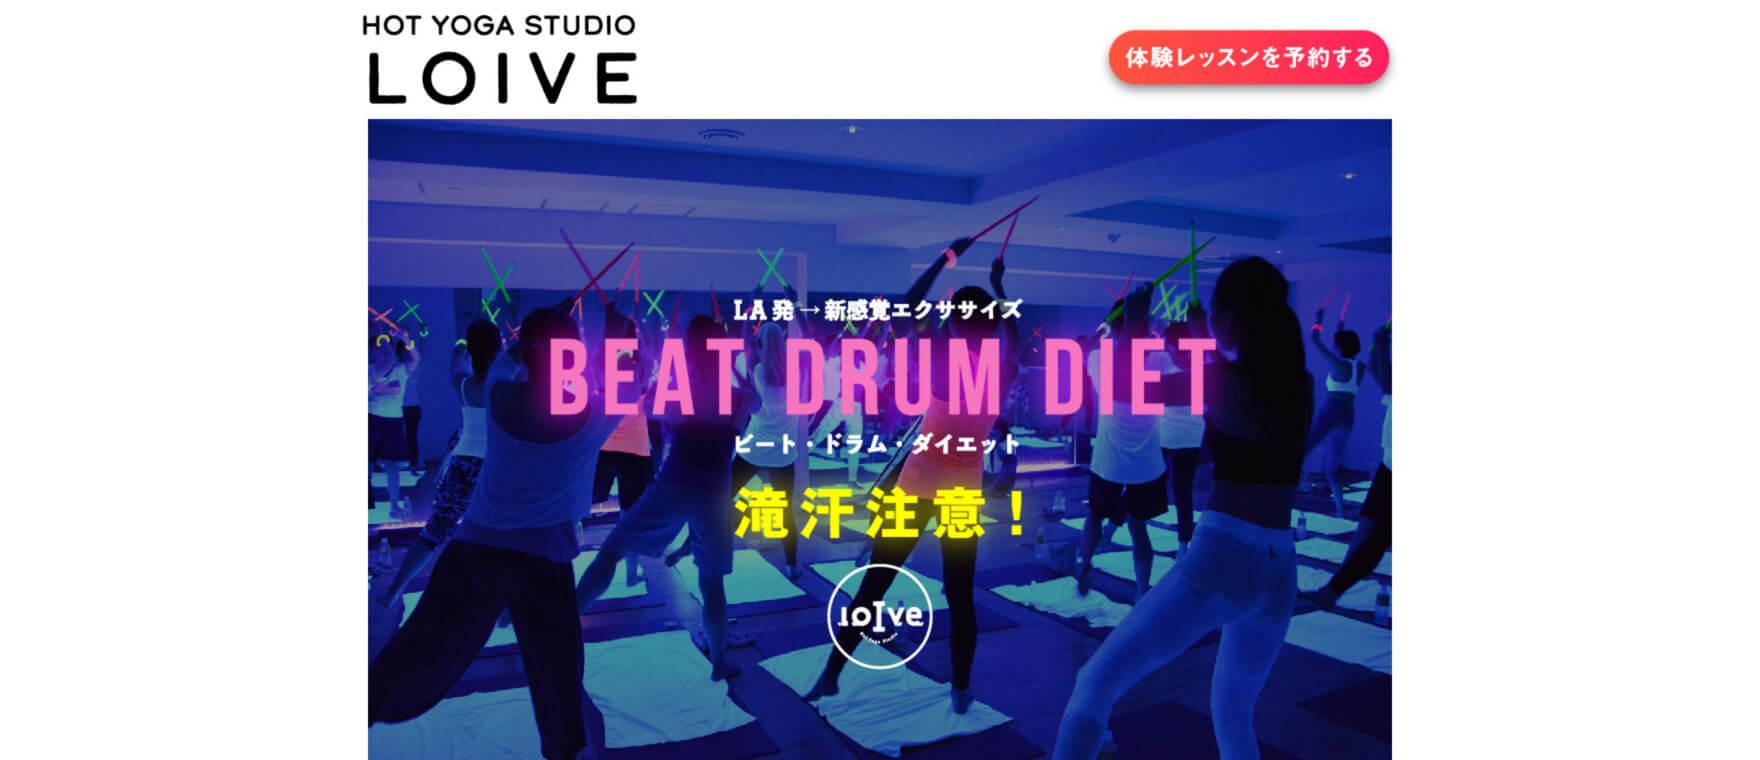 loIve函館店のイメージ画像